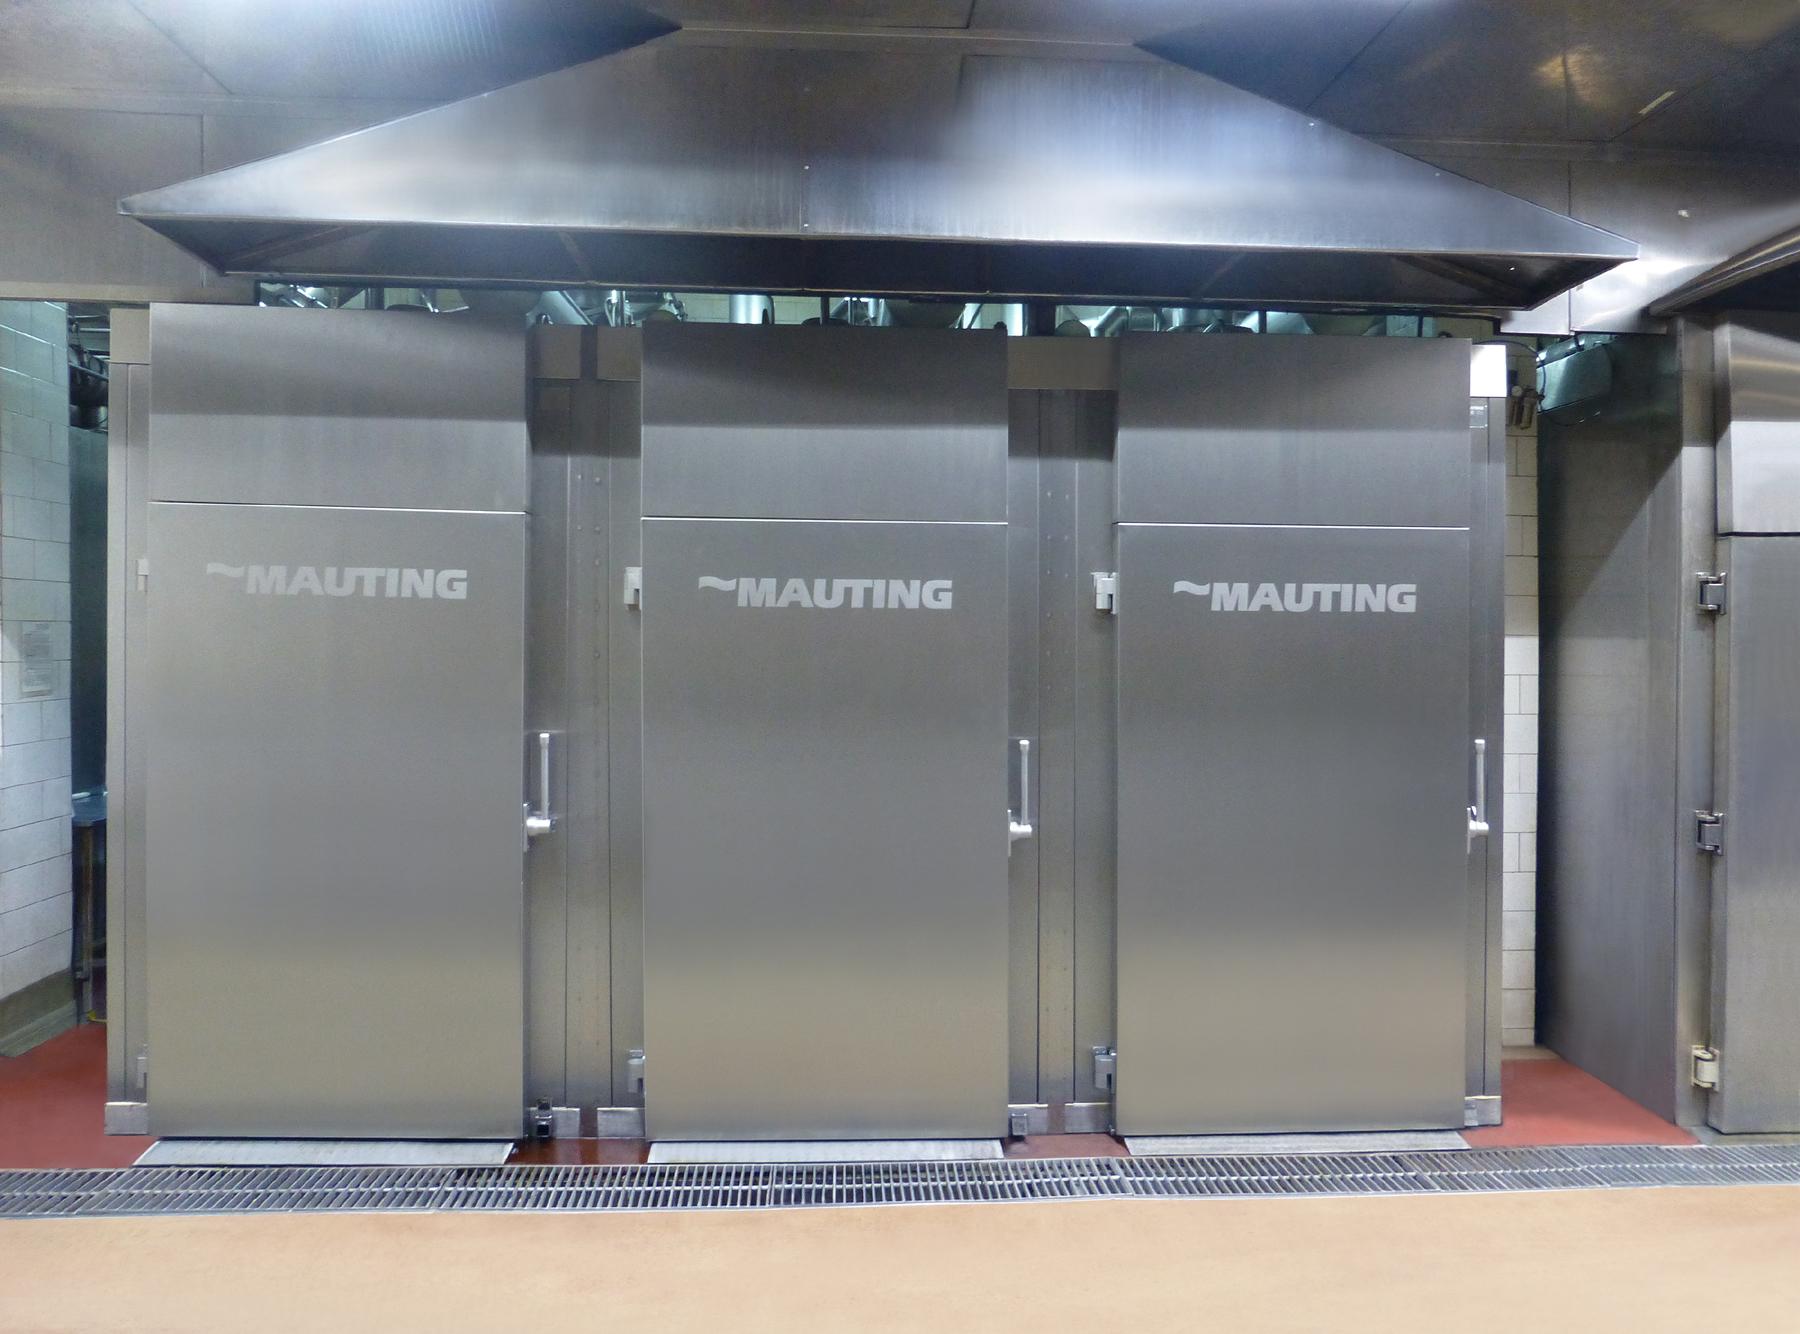 Instalación de tres hornos de ahumado de 4 carros en la empresa Moloděčno en Bielorrusia